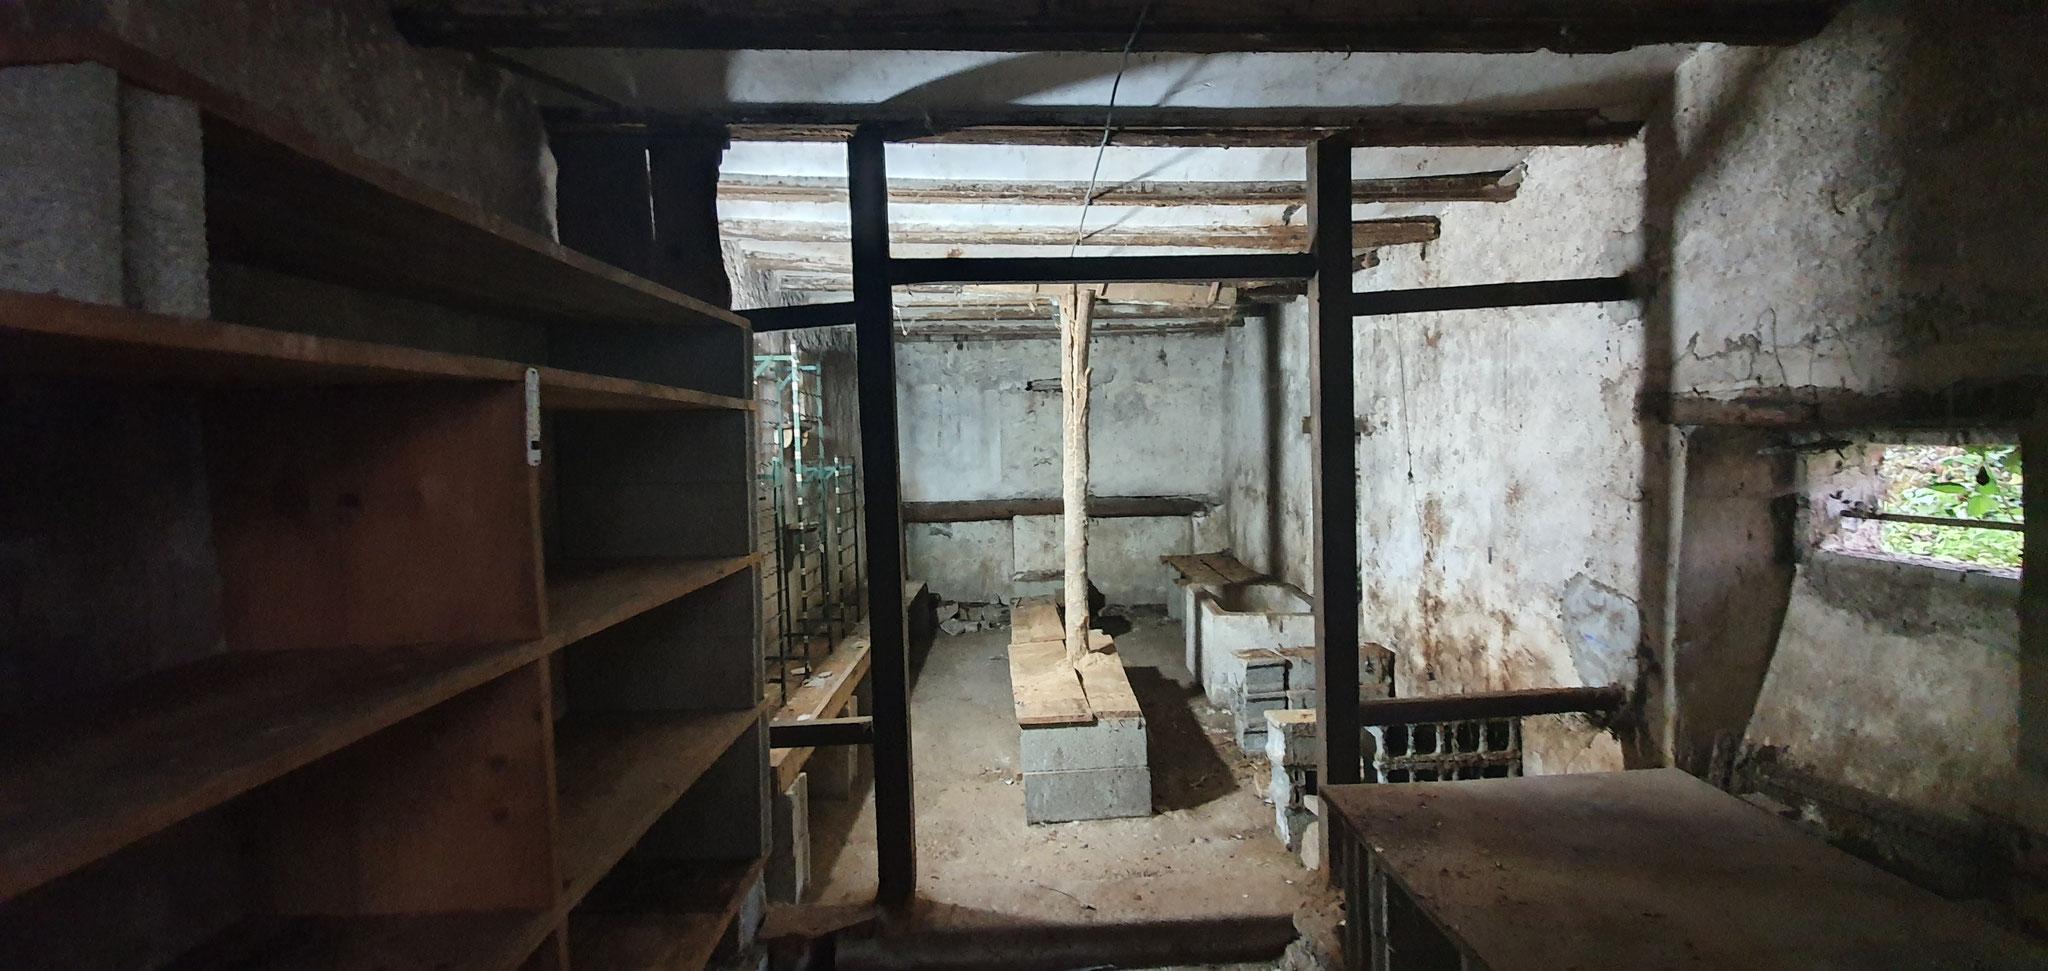 Débarras d'une cave après intervention - débarras Ahlen clément - débarrasse tout partout en Franche comté -  débarras Haut Doubs secteur morteau villers le lac